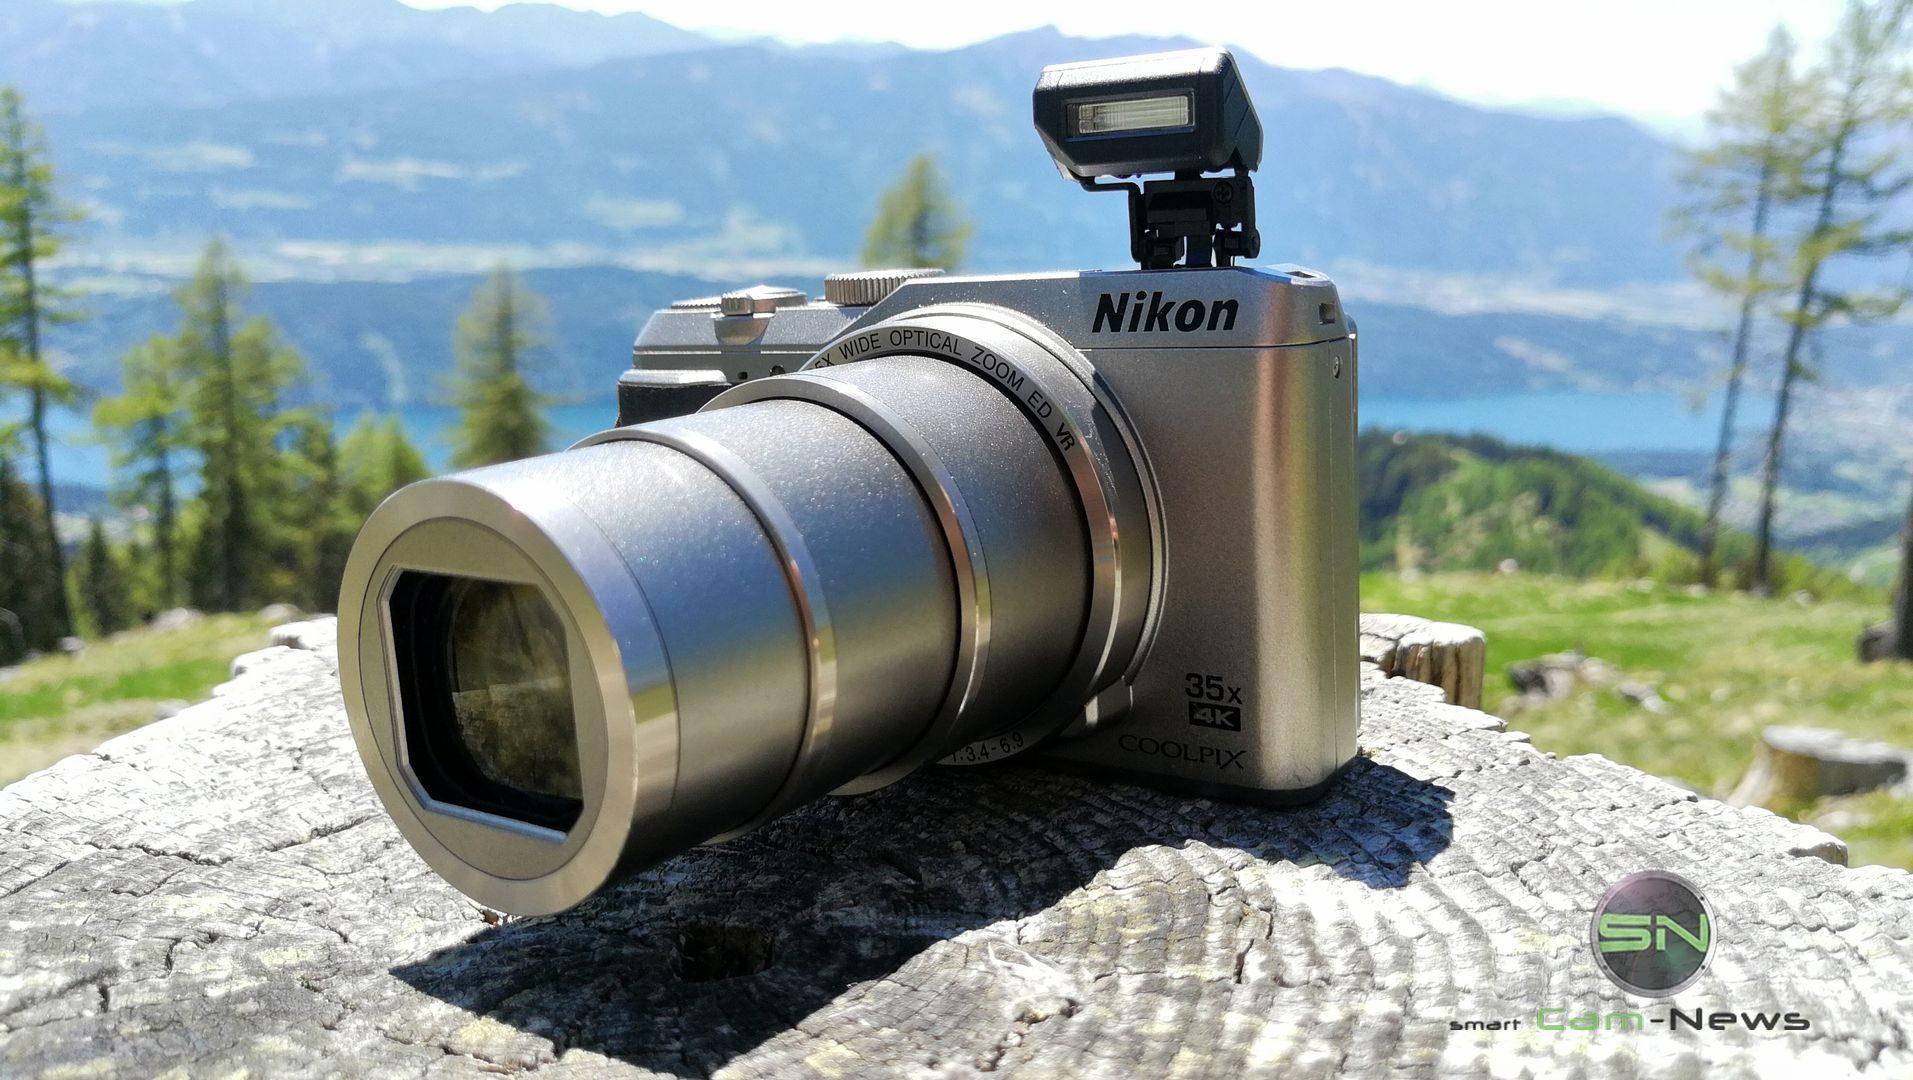 Blitz - Nikon Coolpix A900 MegaZoom - Millstättersee - SmartCamNews